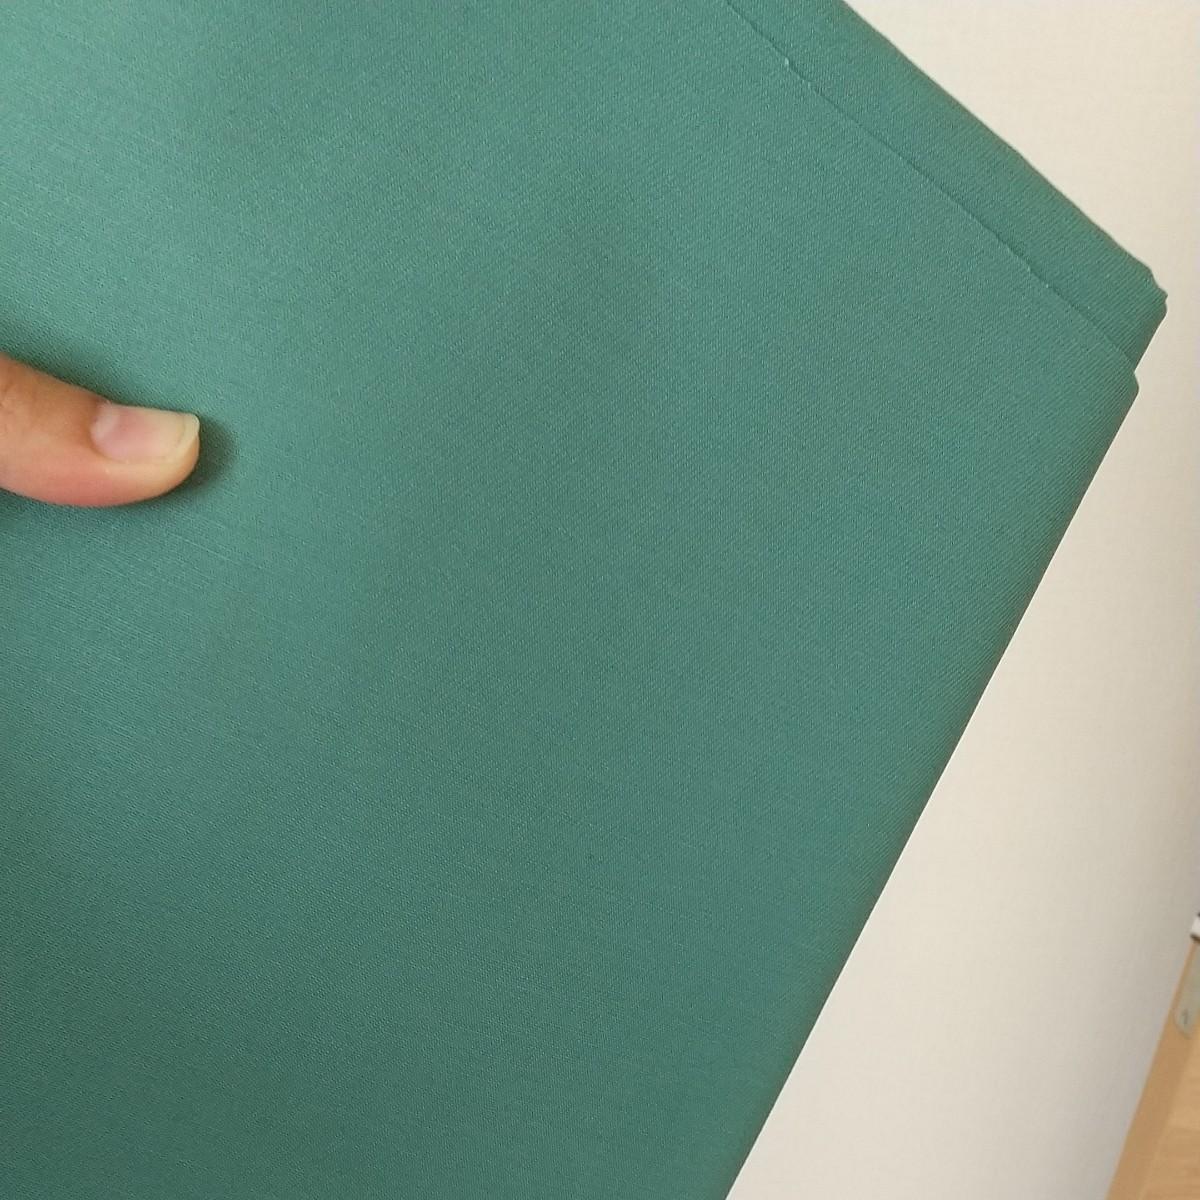 モスグリーン くすみ緑 ツイル生地 1m